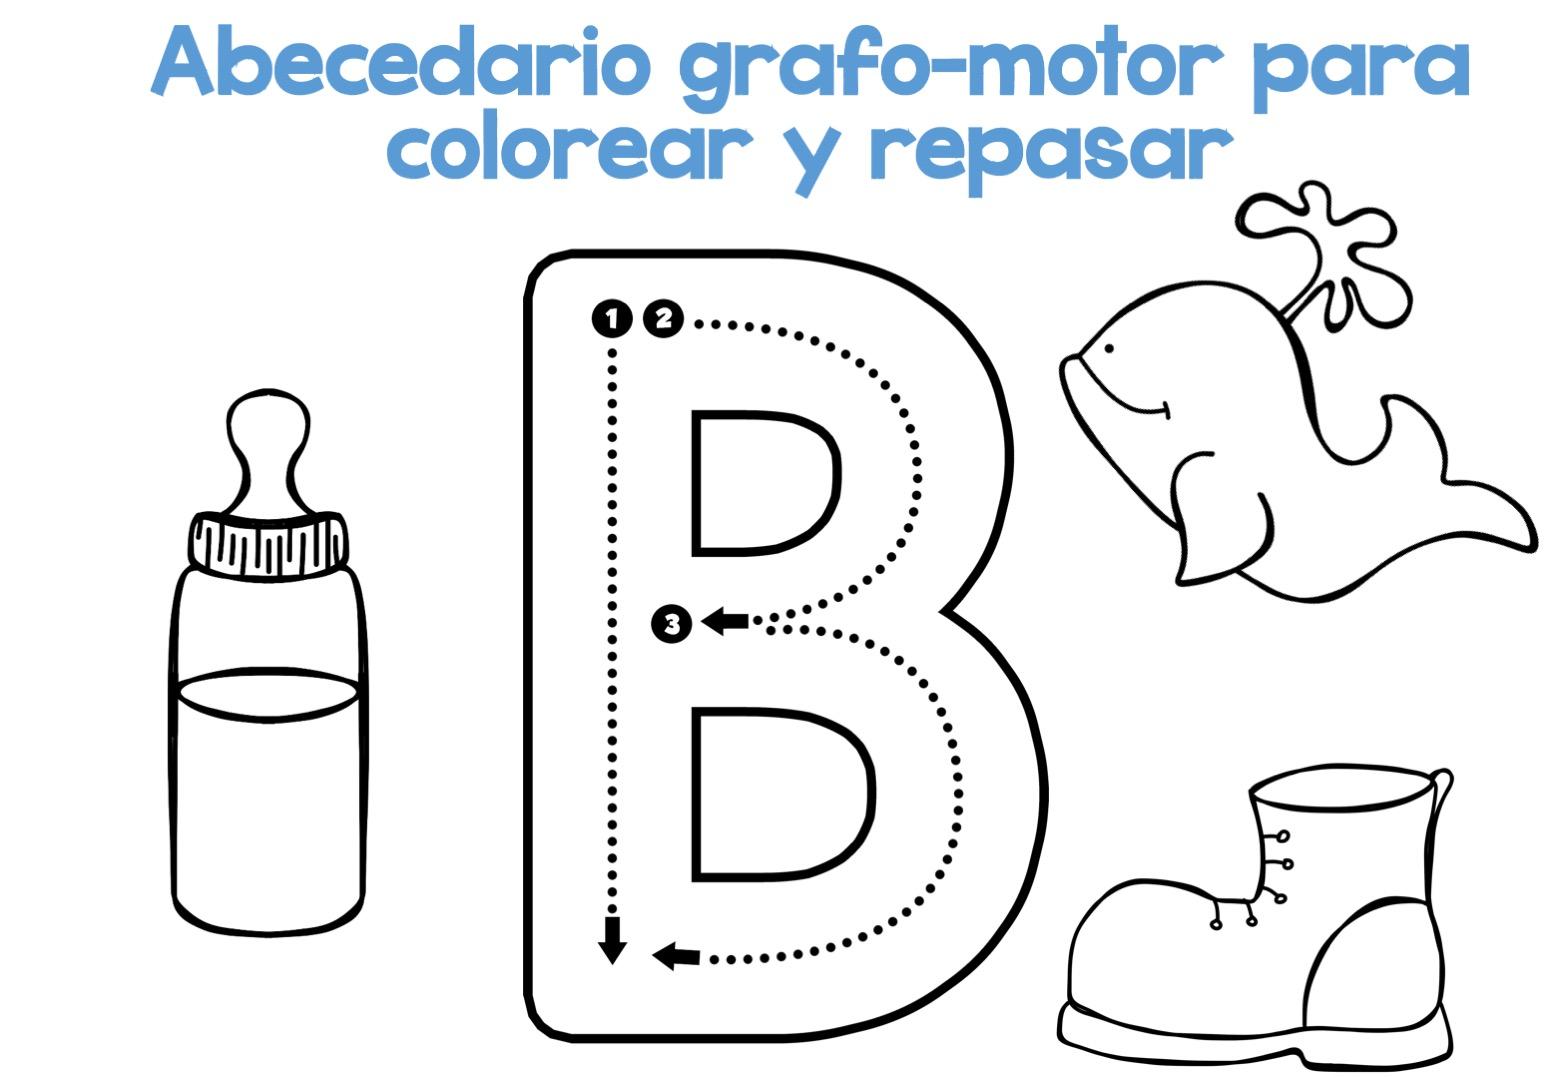 Dibujos De El Abecedario Para Colorear: Completo Abecedario Grafo-motor Para Colorear Y Repasar2